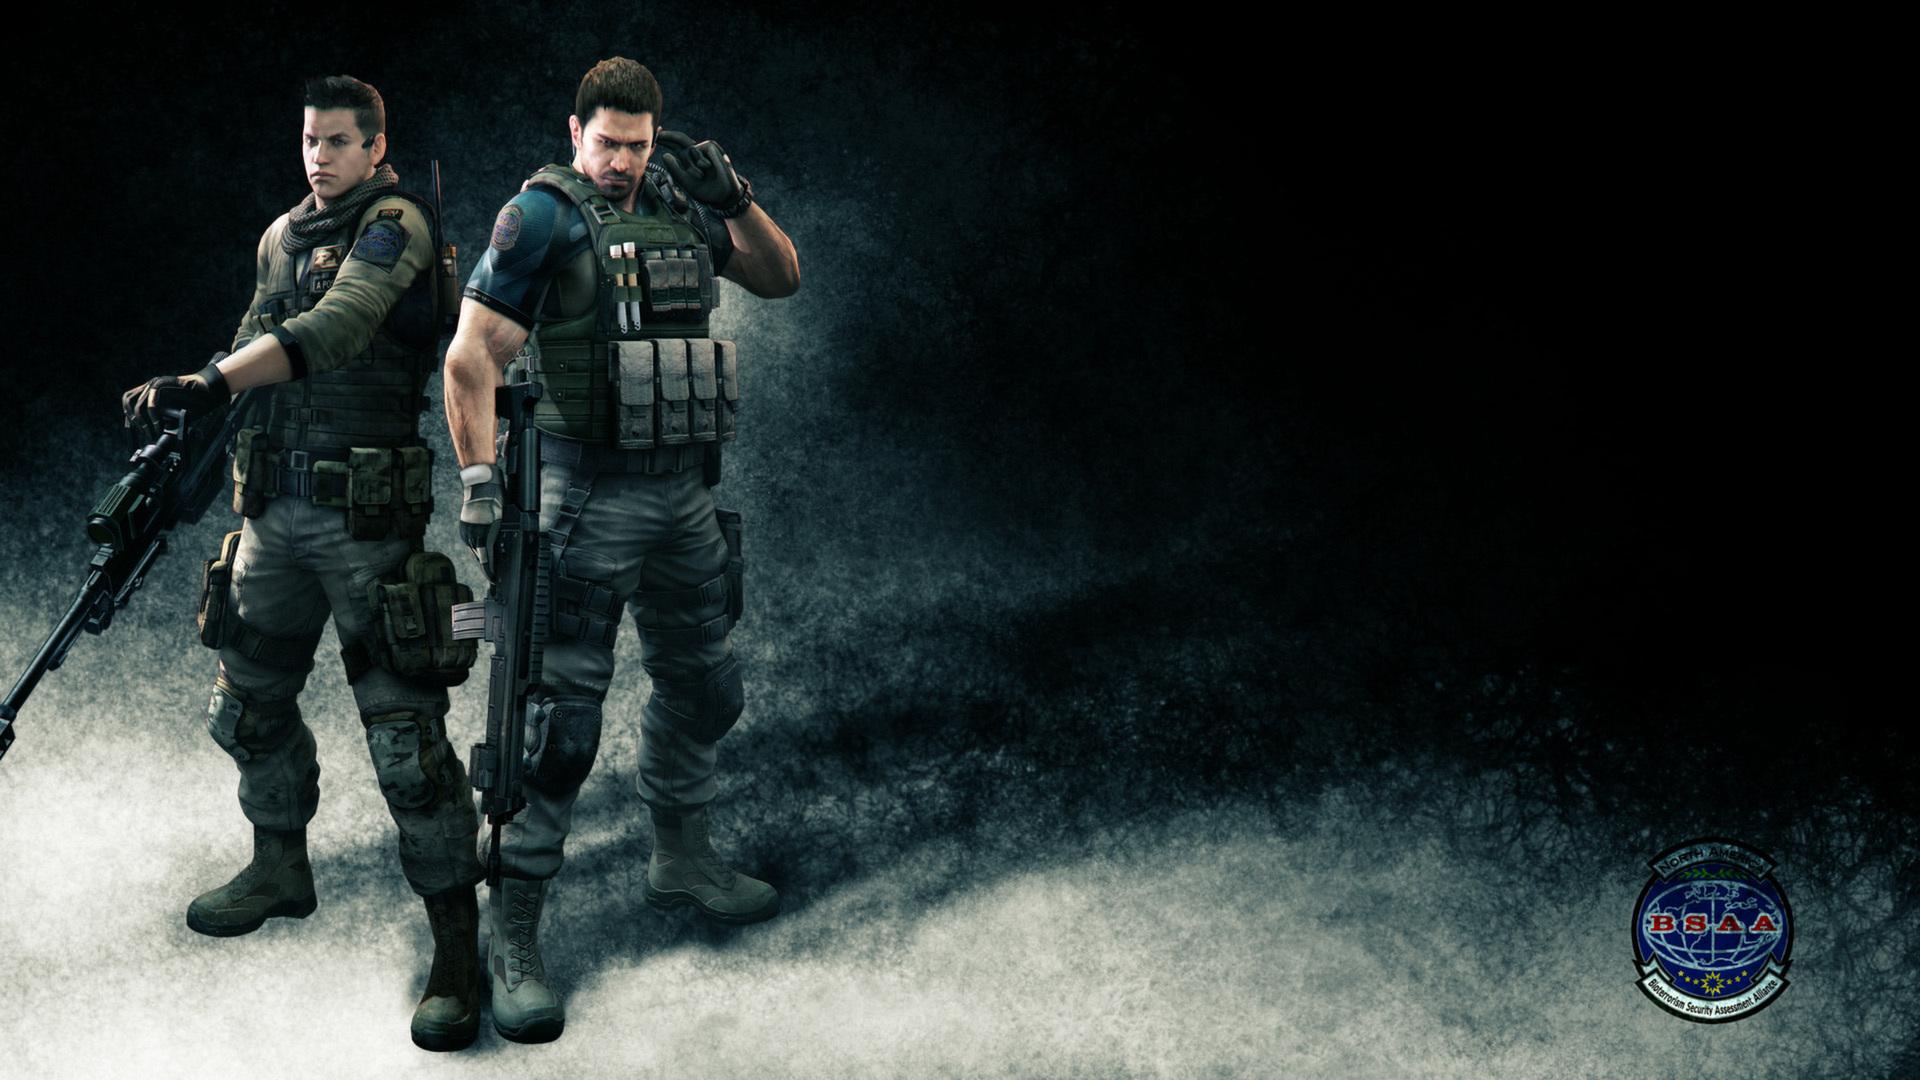 Resident Evil 6 Wallpaper On Steam